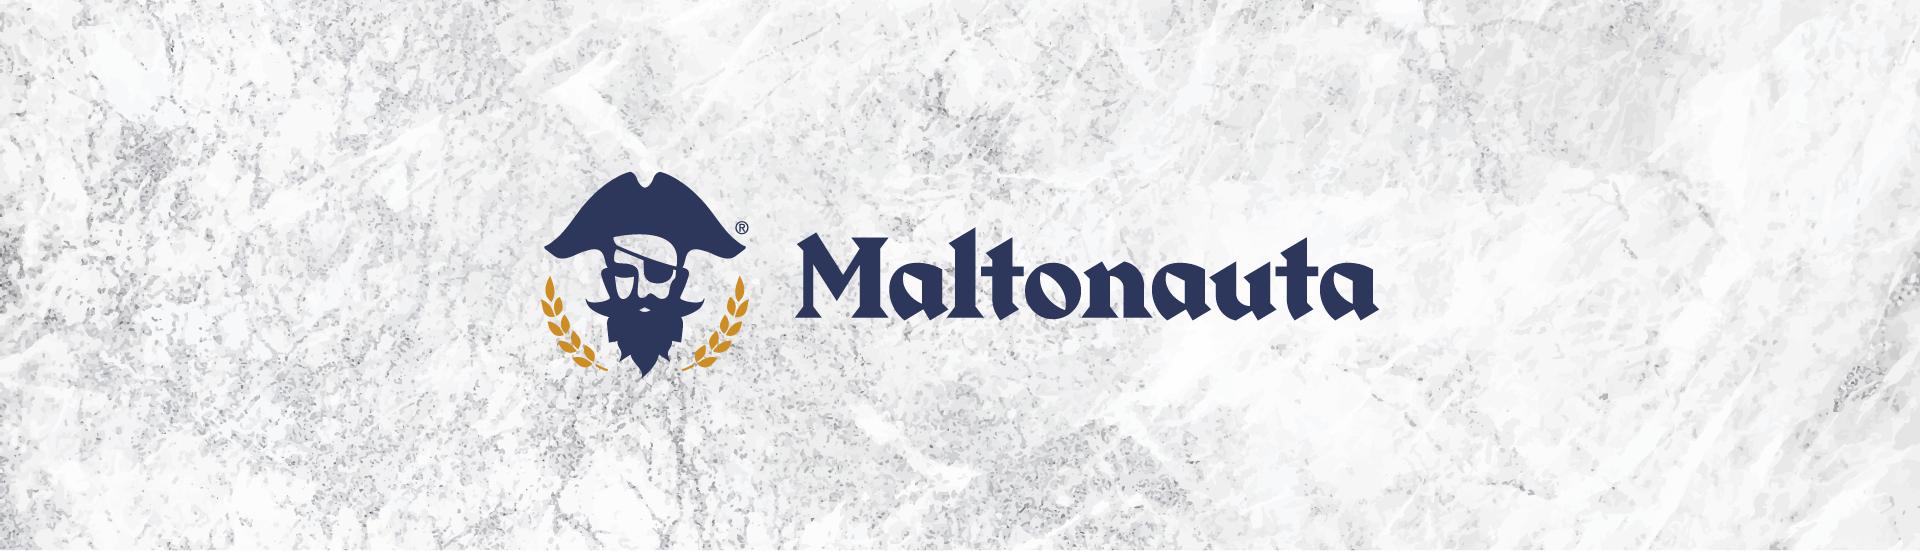 logo Maltonauta